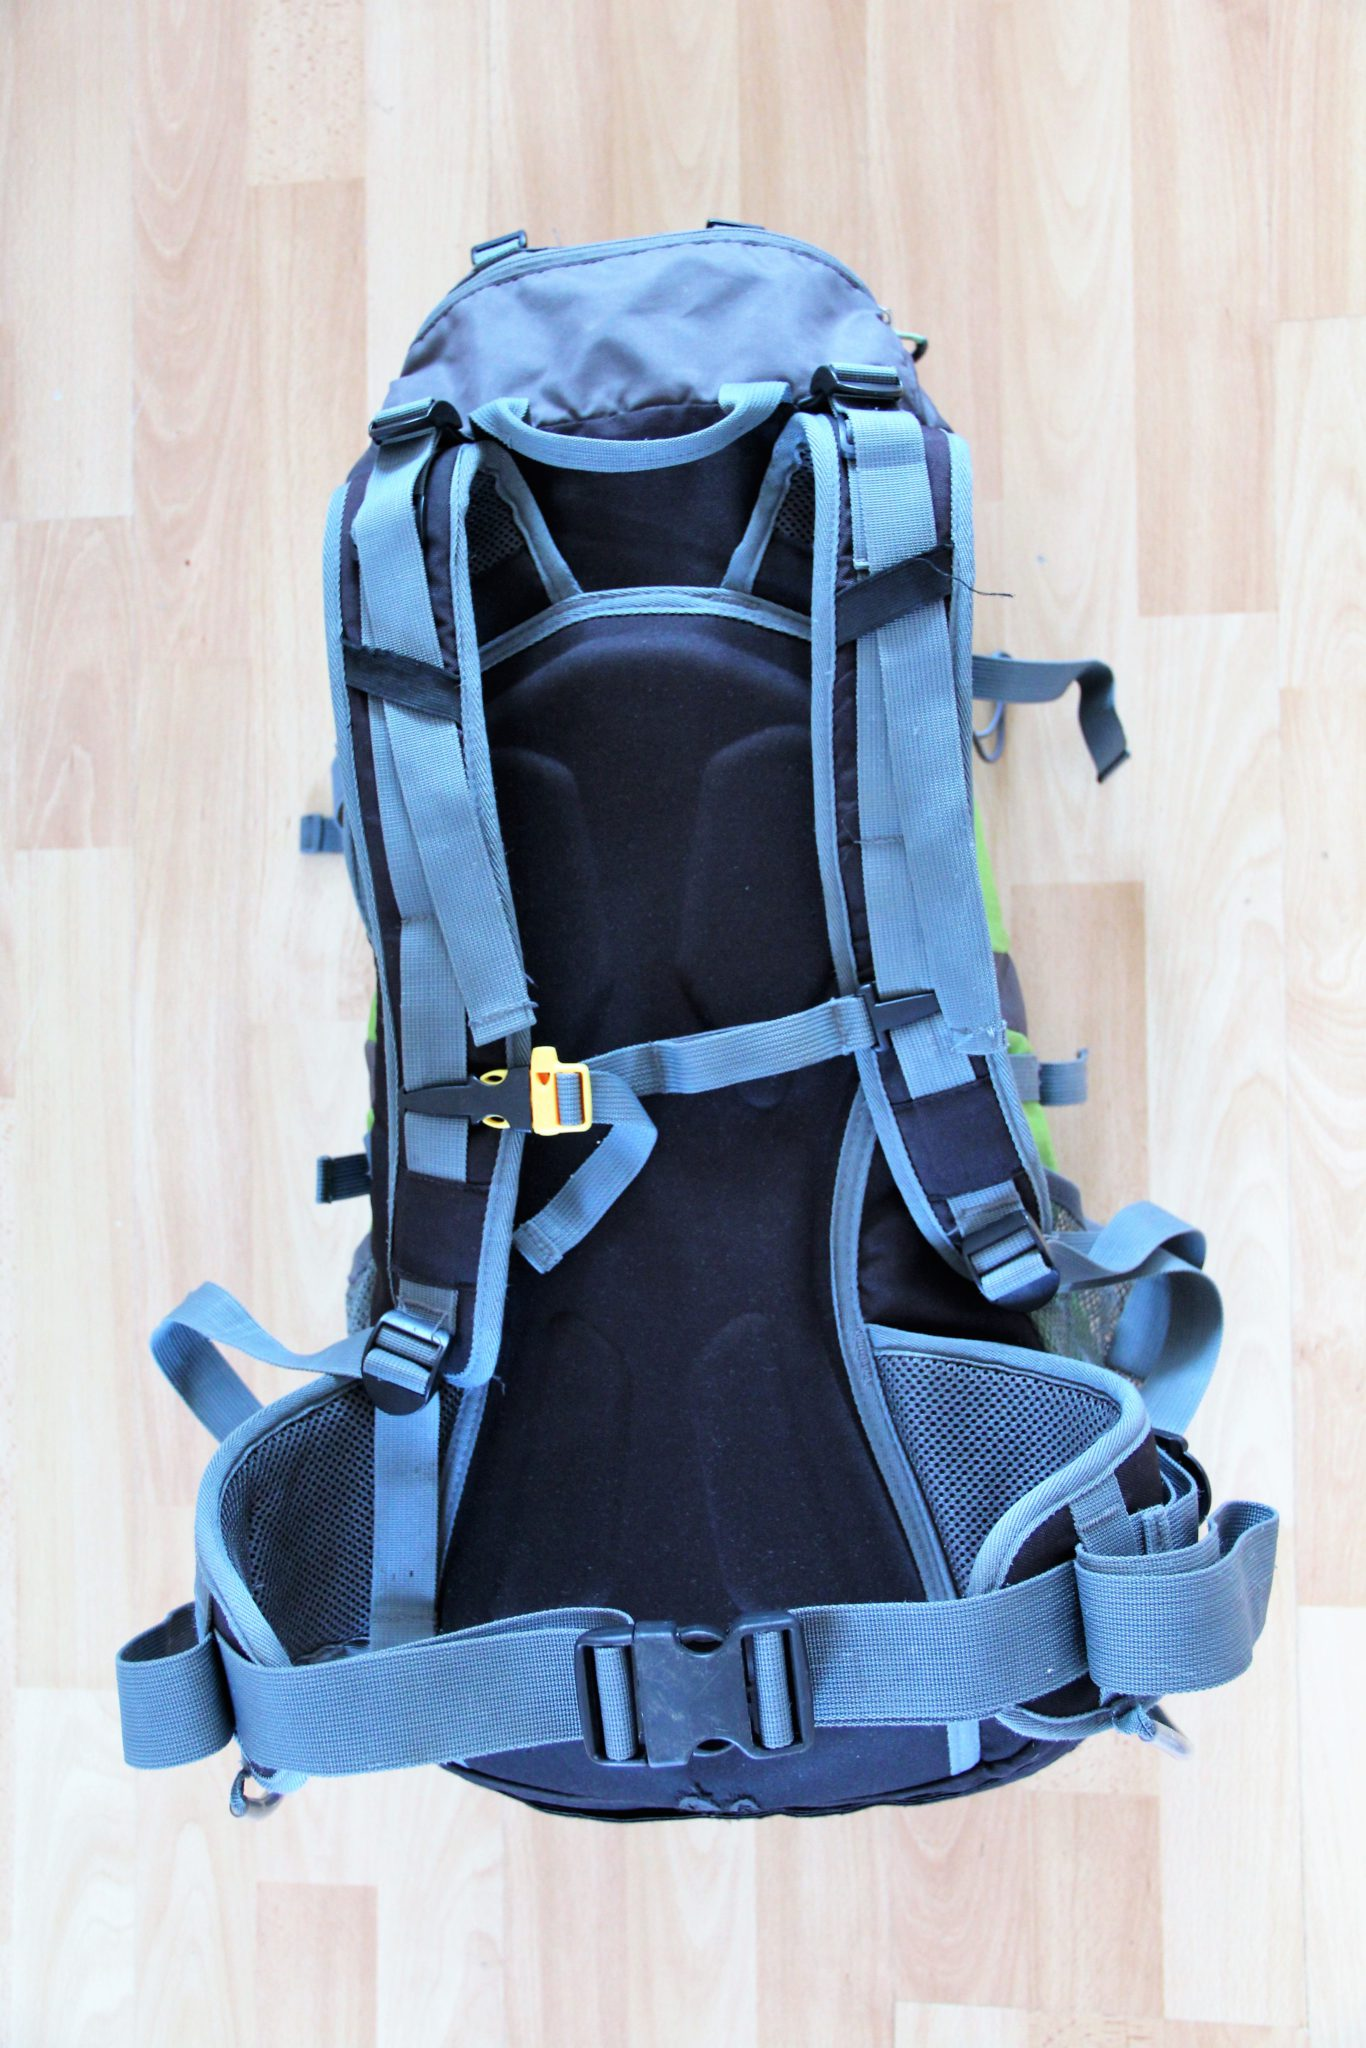 Batoh střední velikosti s nastavitelnými popruhy